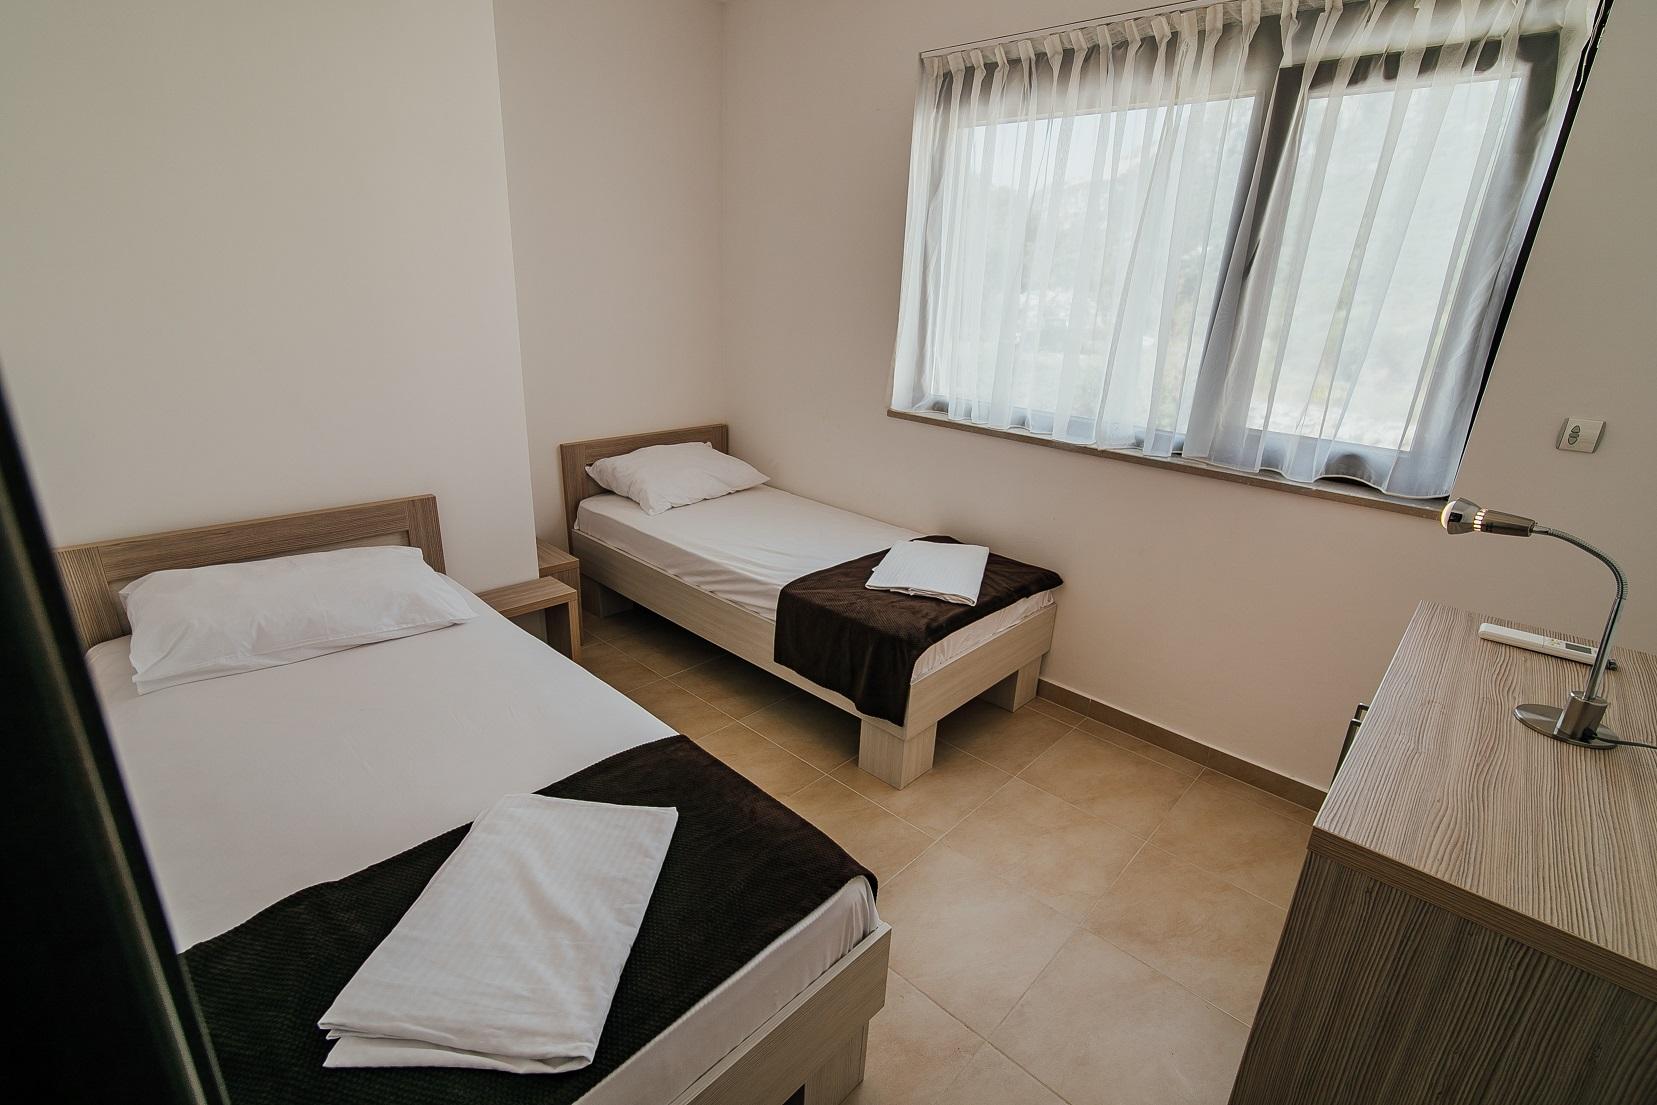 extra slaapkamer met 2 bedden